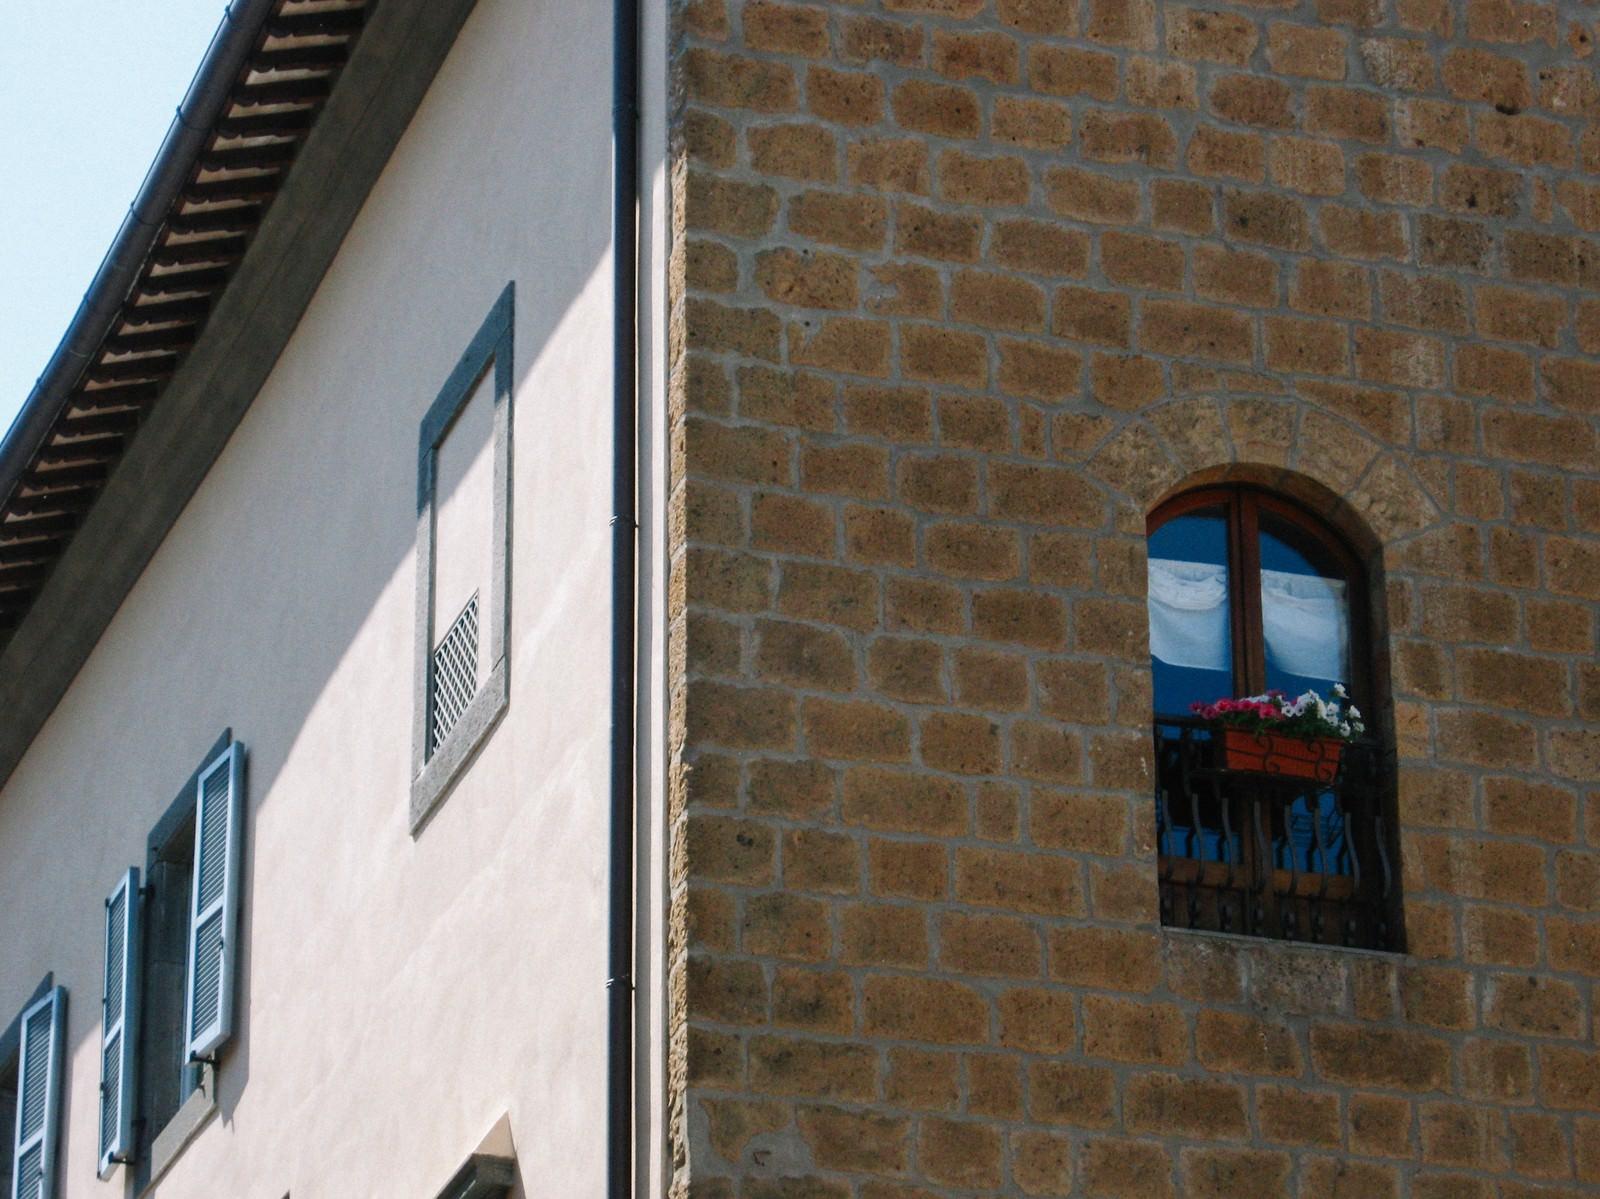 「オルヴィエートの街角にある建物(イタリア)」の写真